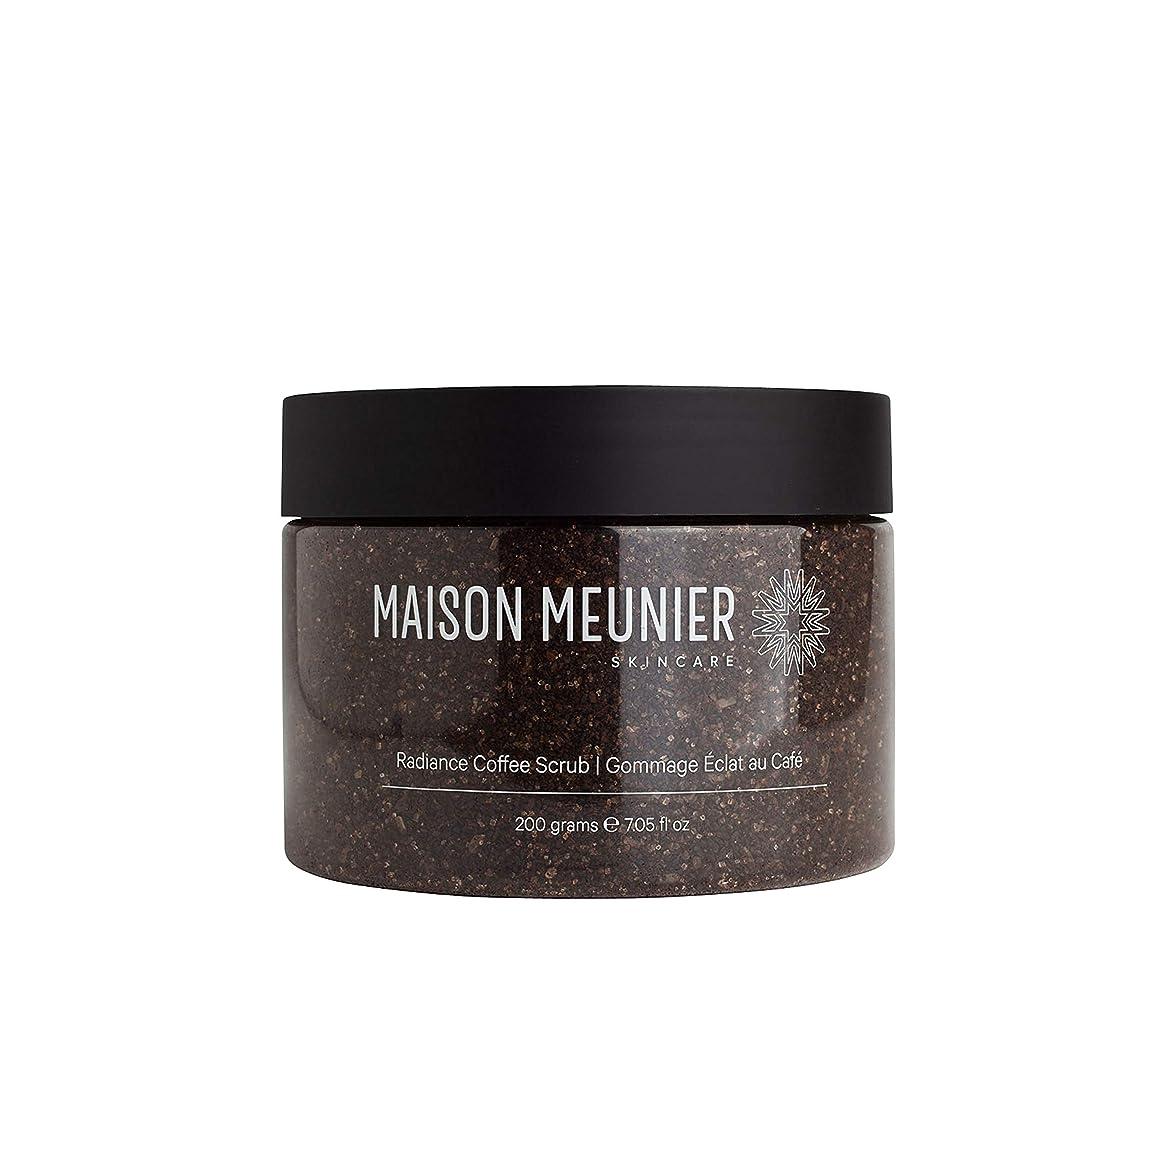 緩む冗長解説Maison Meunier - ラディアンスコーヒースクラブナチュラルアンド残酷